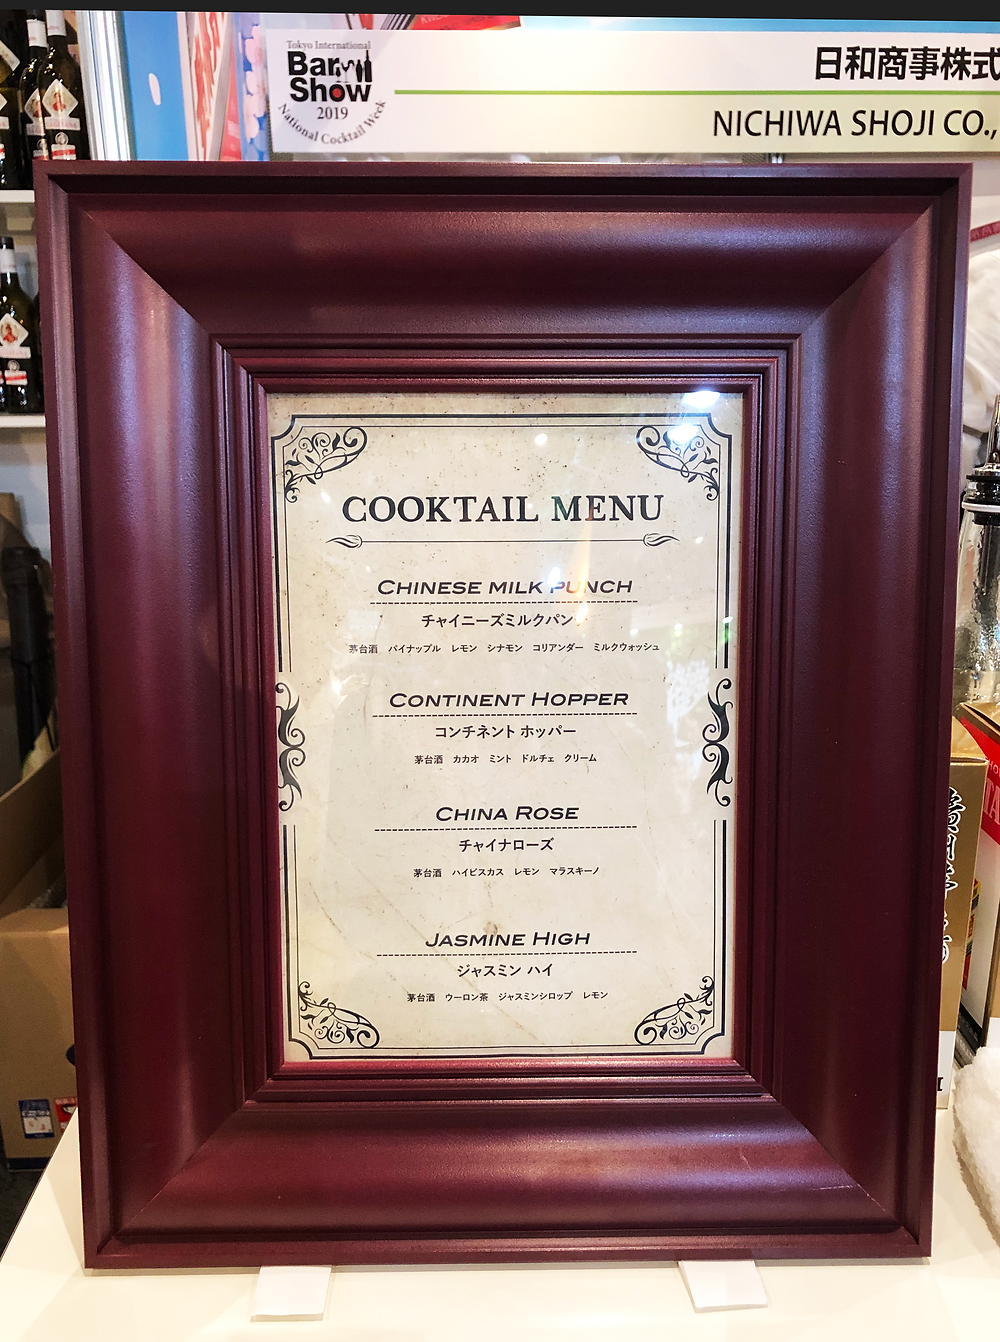 茅台酒のカクテル